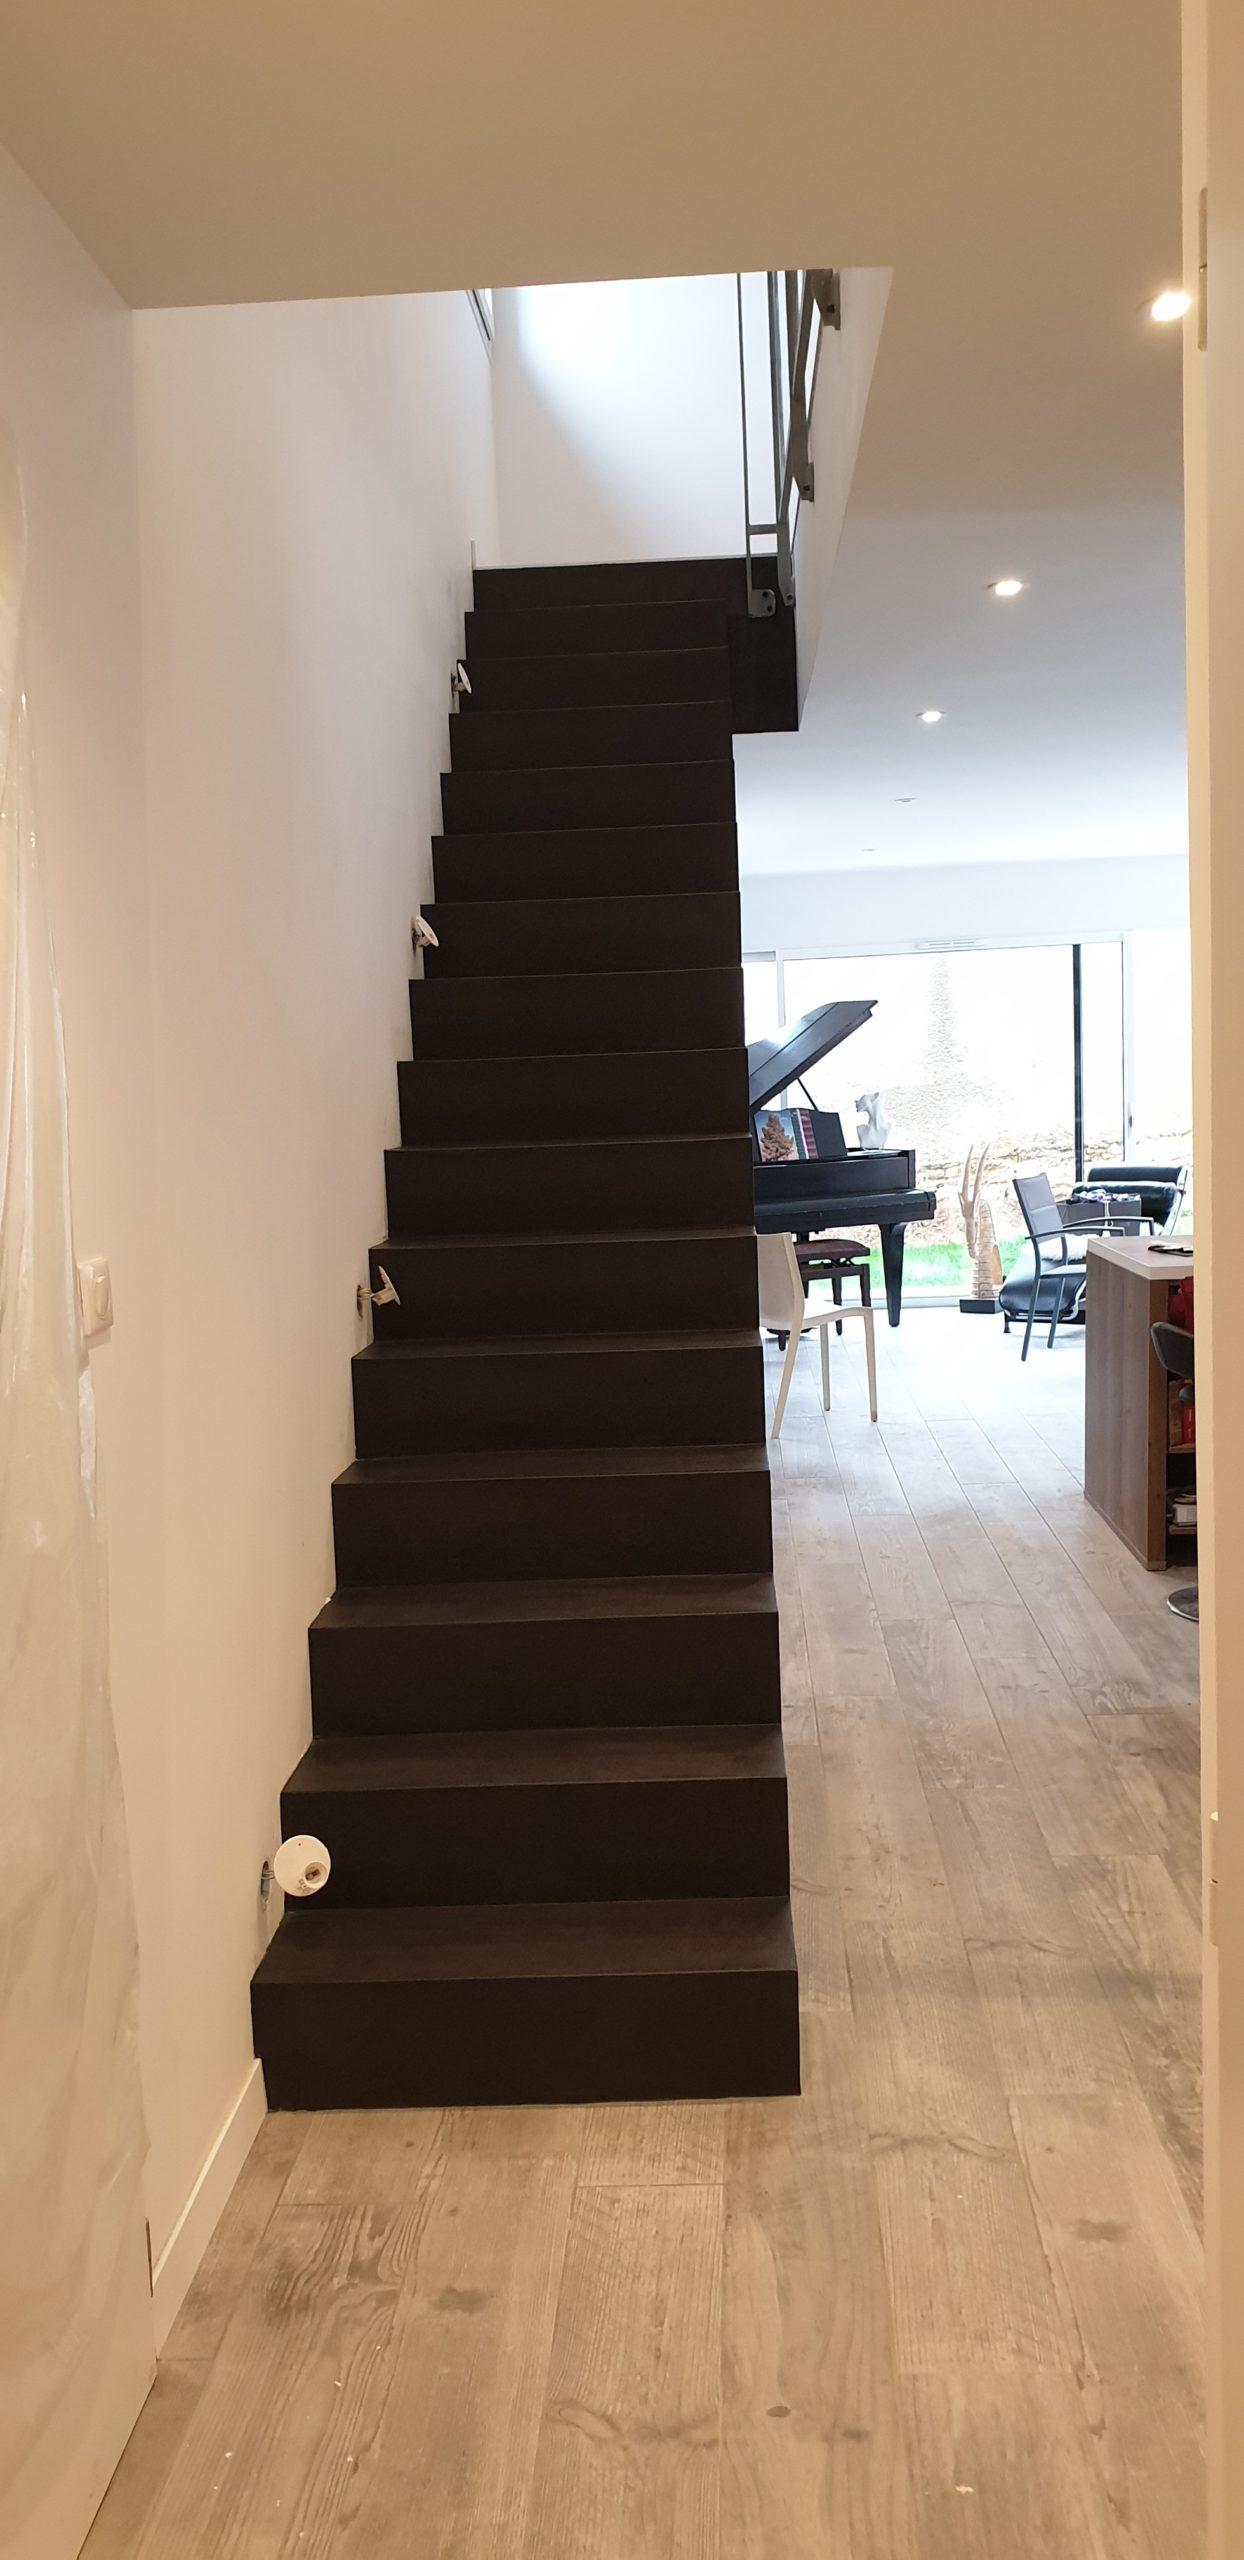 Création unique d'un escalier droit dans une maison individuelle